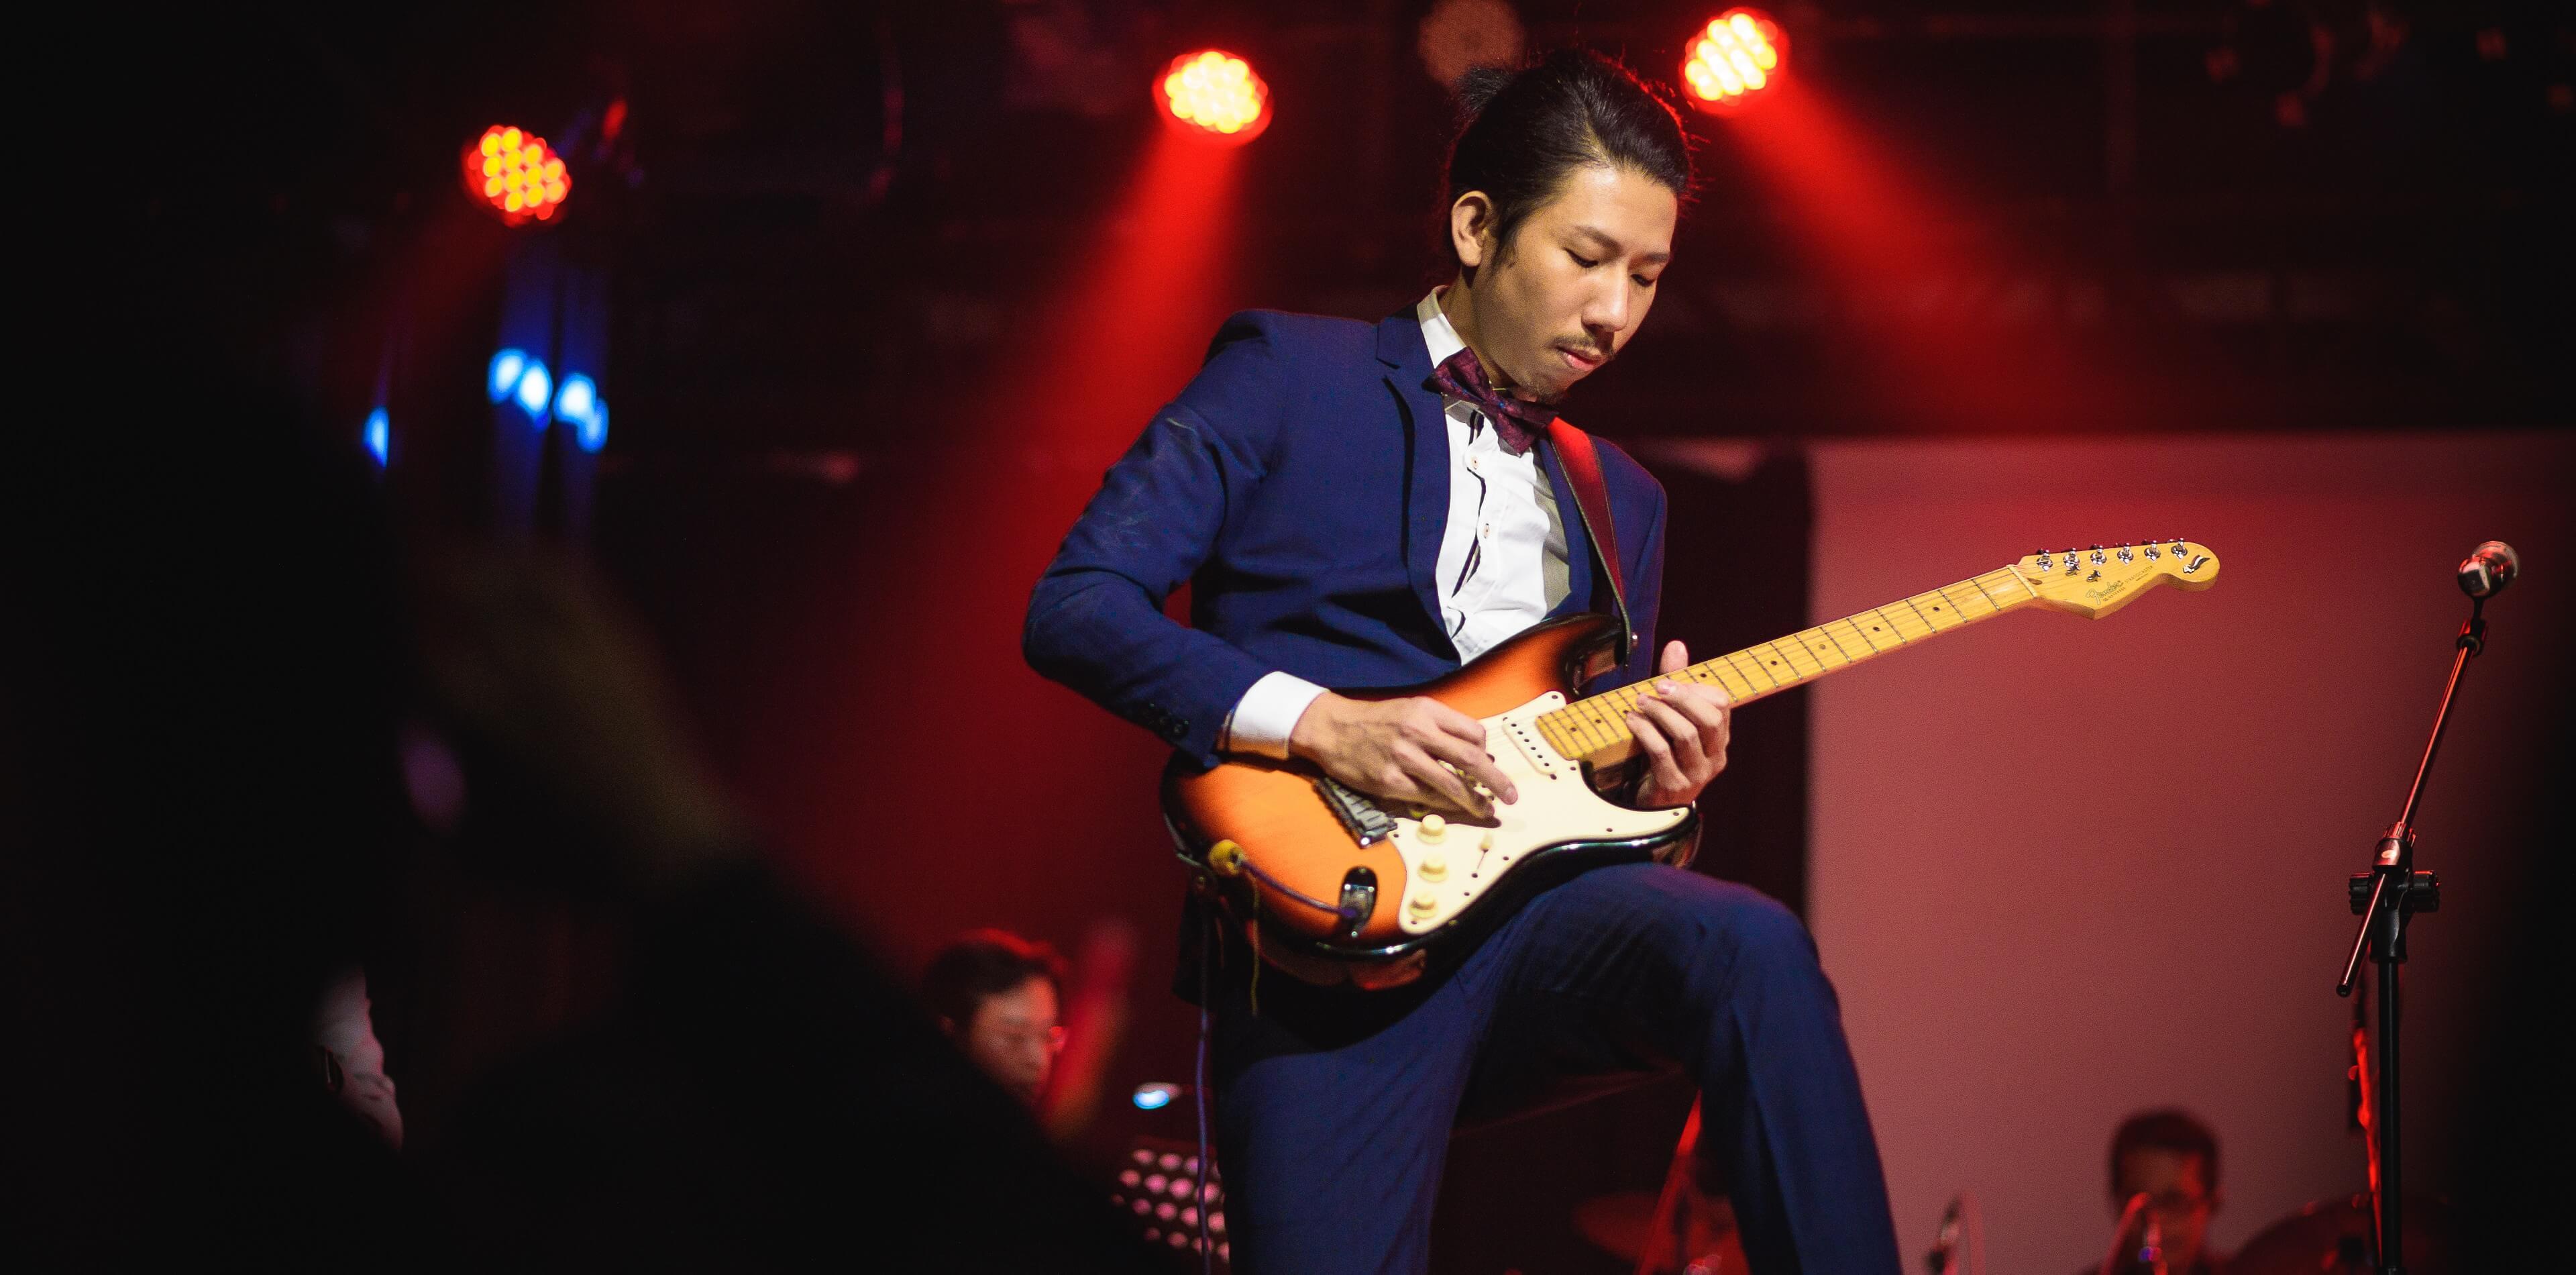 婚禮攝影-新郎在台上彈電吉他-演唱會